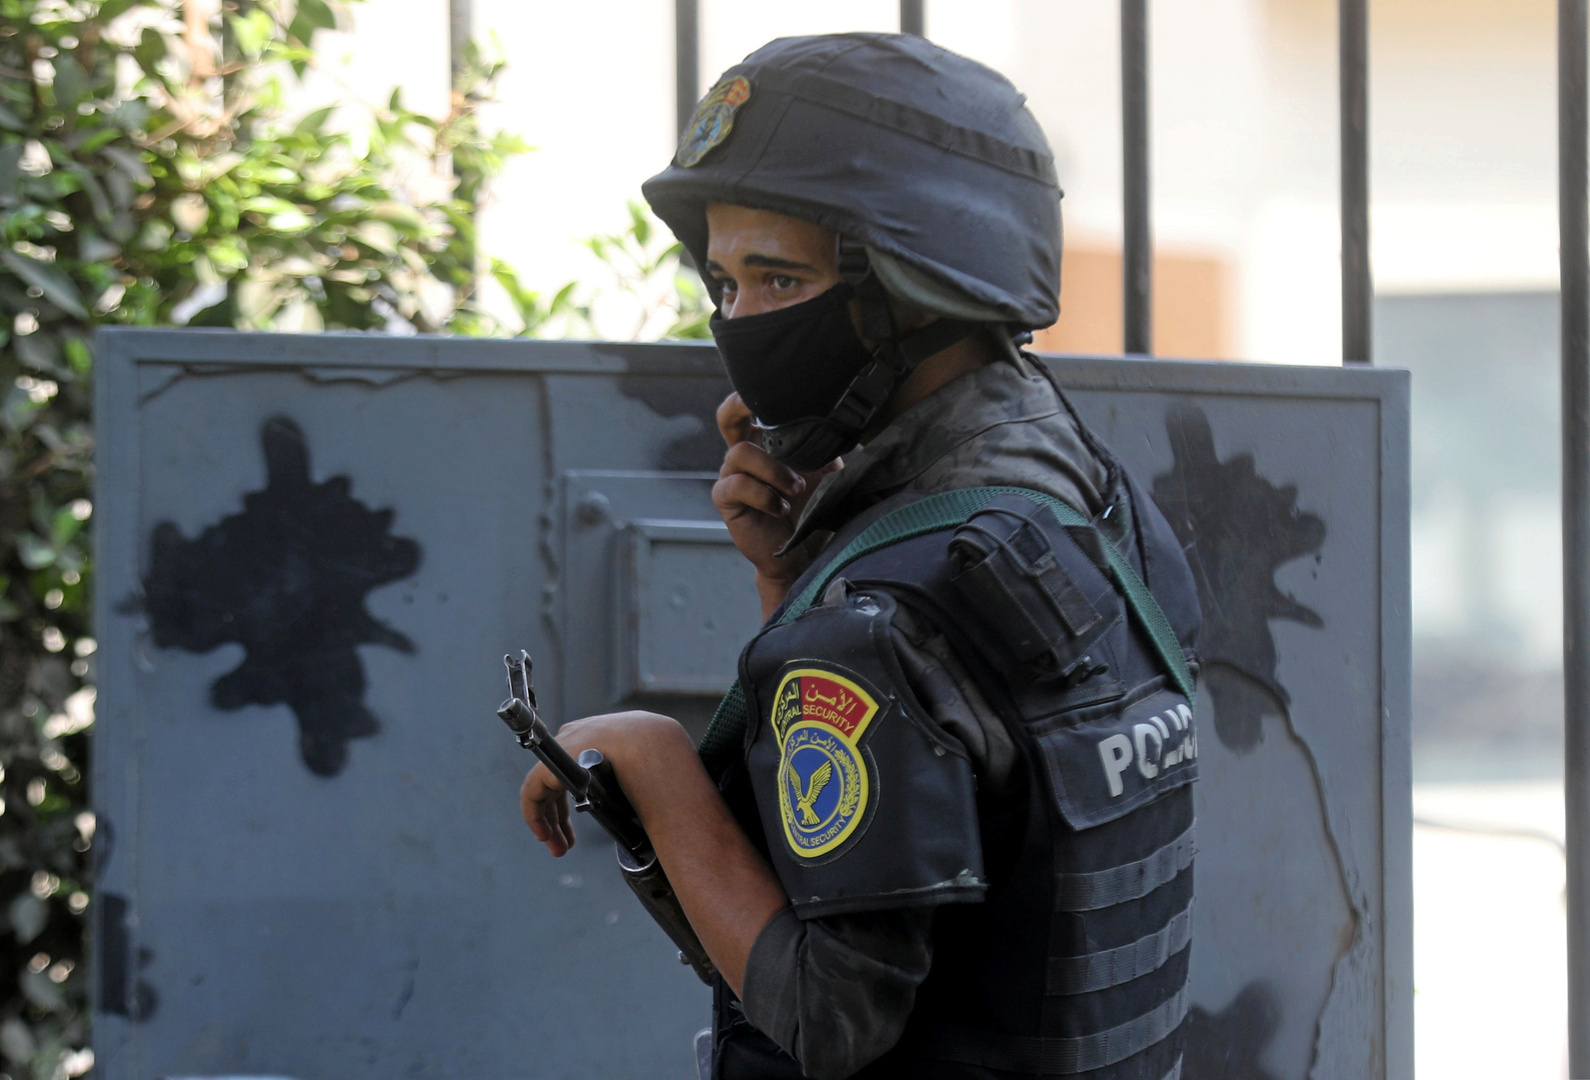 مصر.. تفاصيل صادمة في واقعة العثور على جثتين عاريتين لشاب وفتاة داخل سيارة